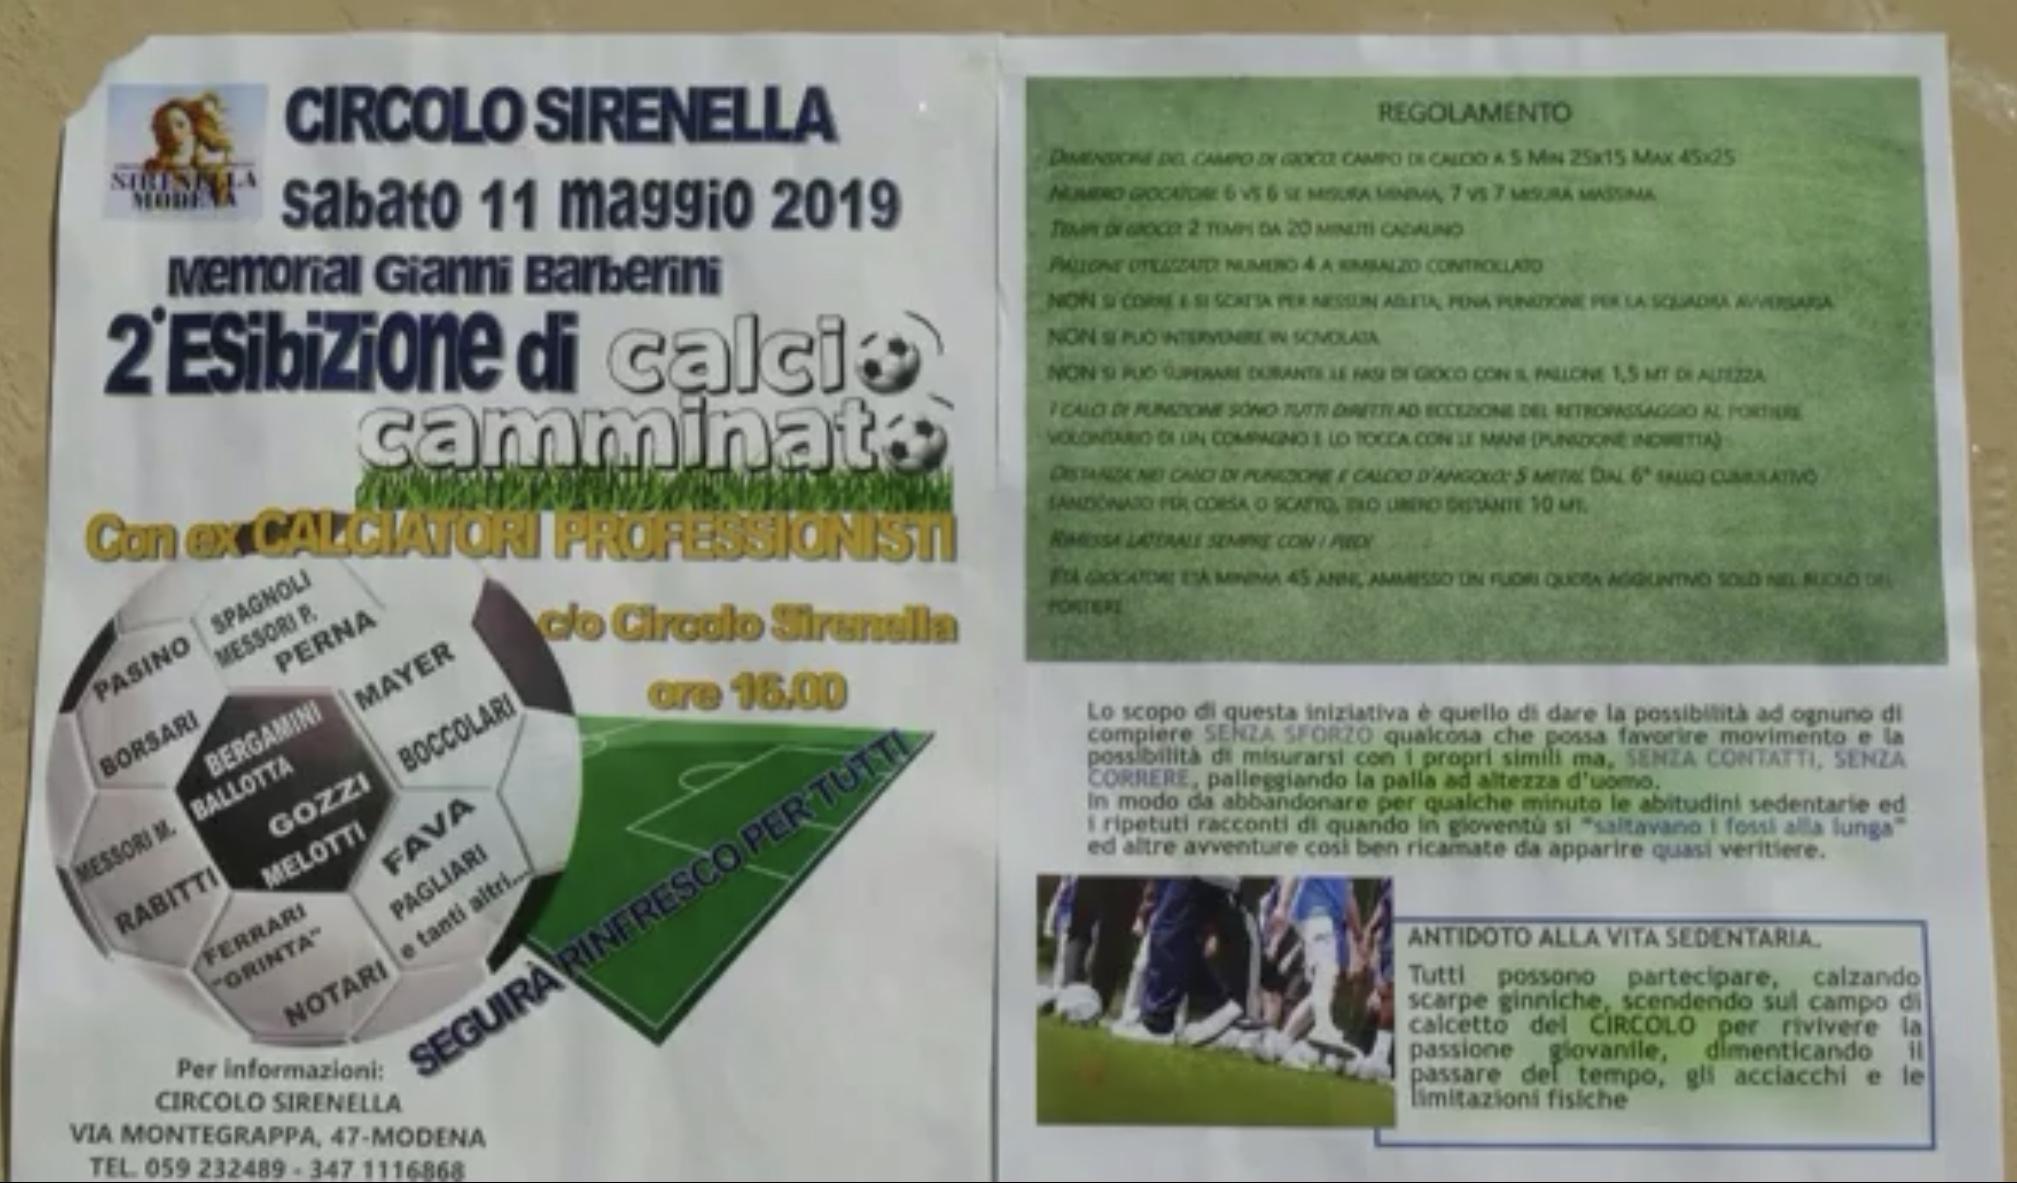 Modena Fc - Calcio camminato in ricordo di Gianni Barberini